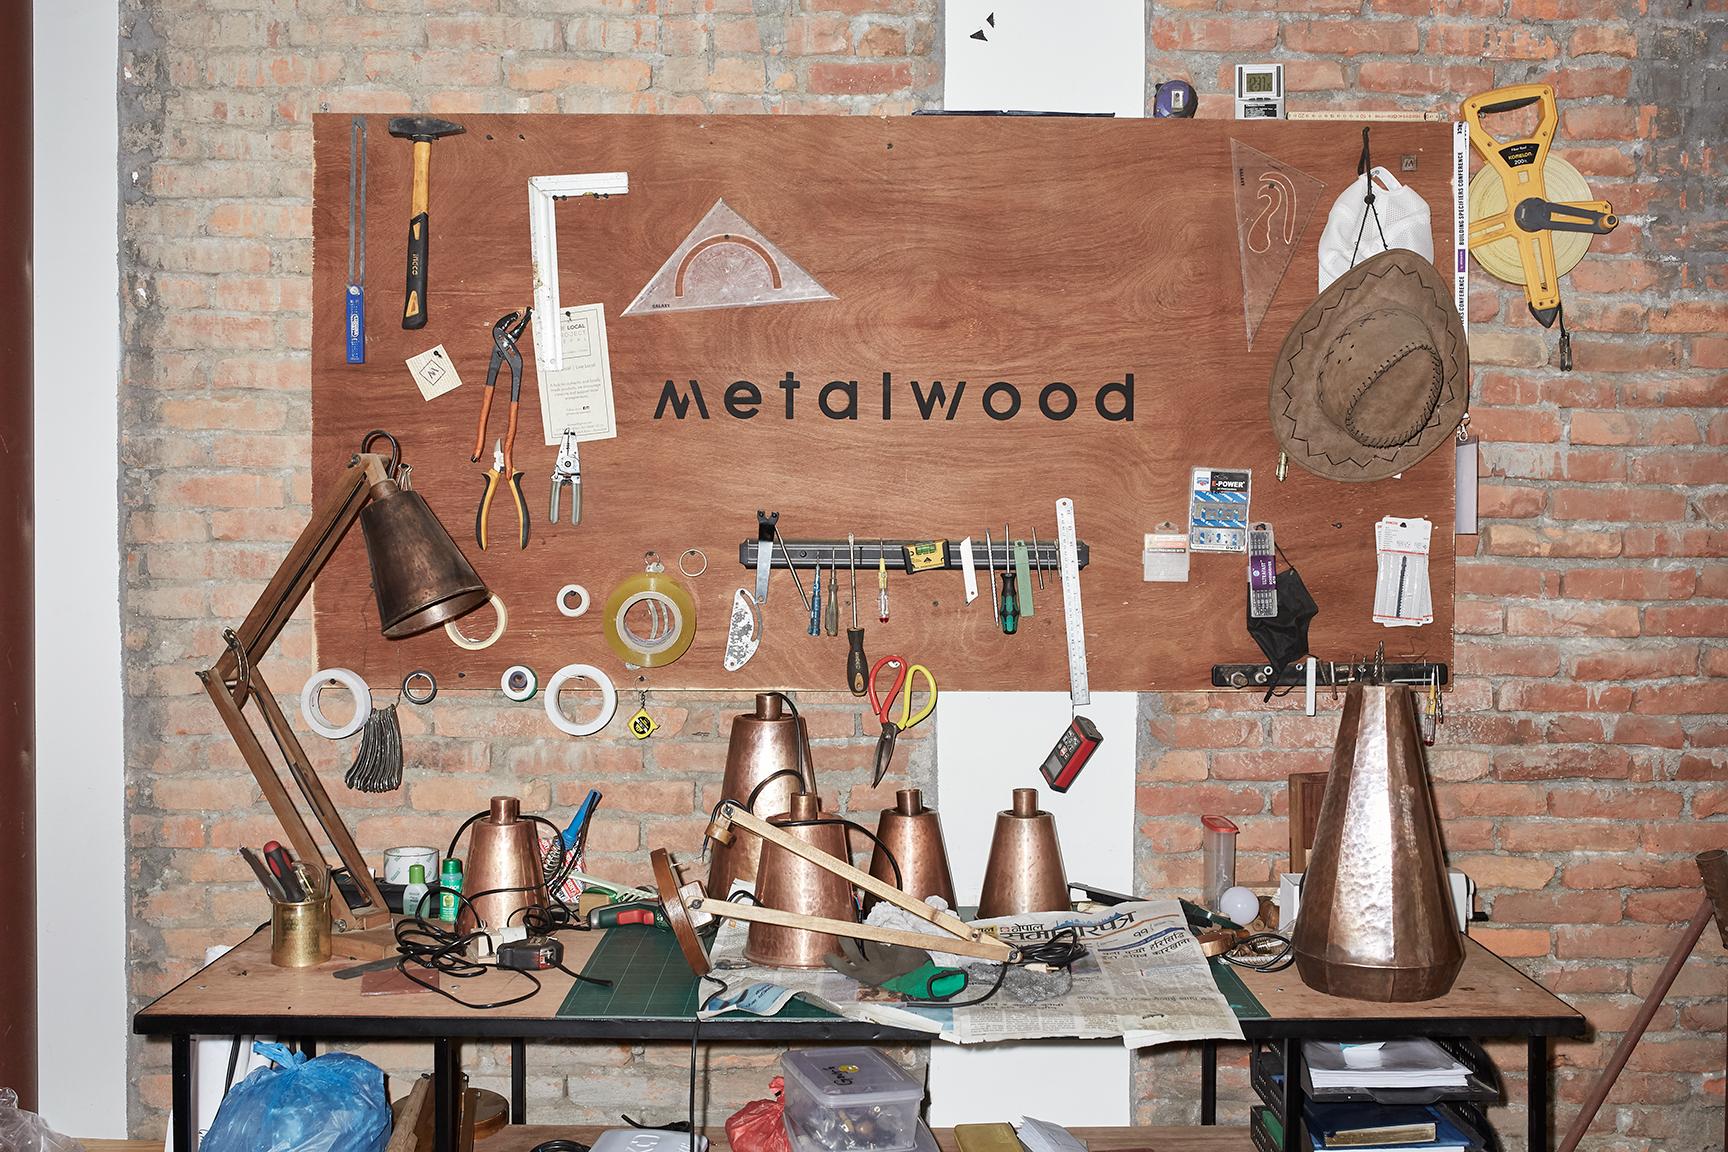 Metalwood_StefanGrau_011.jpg